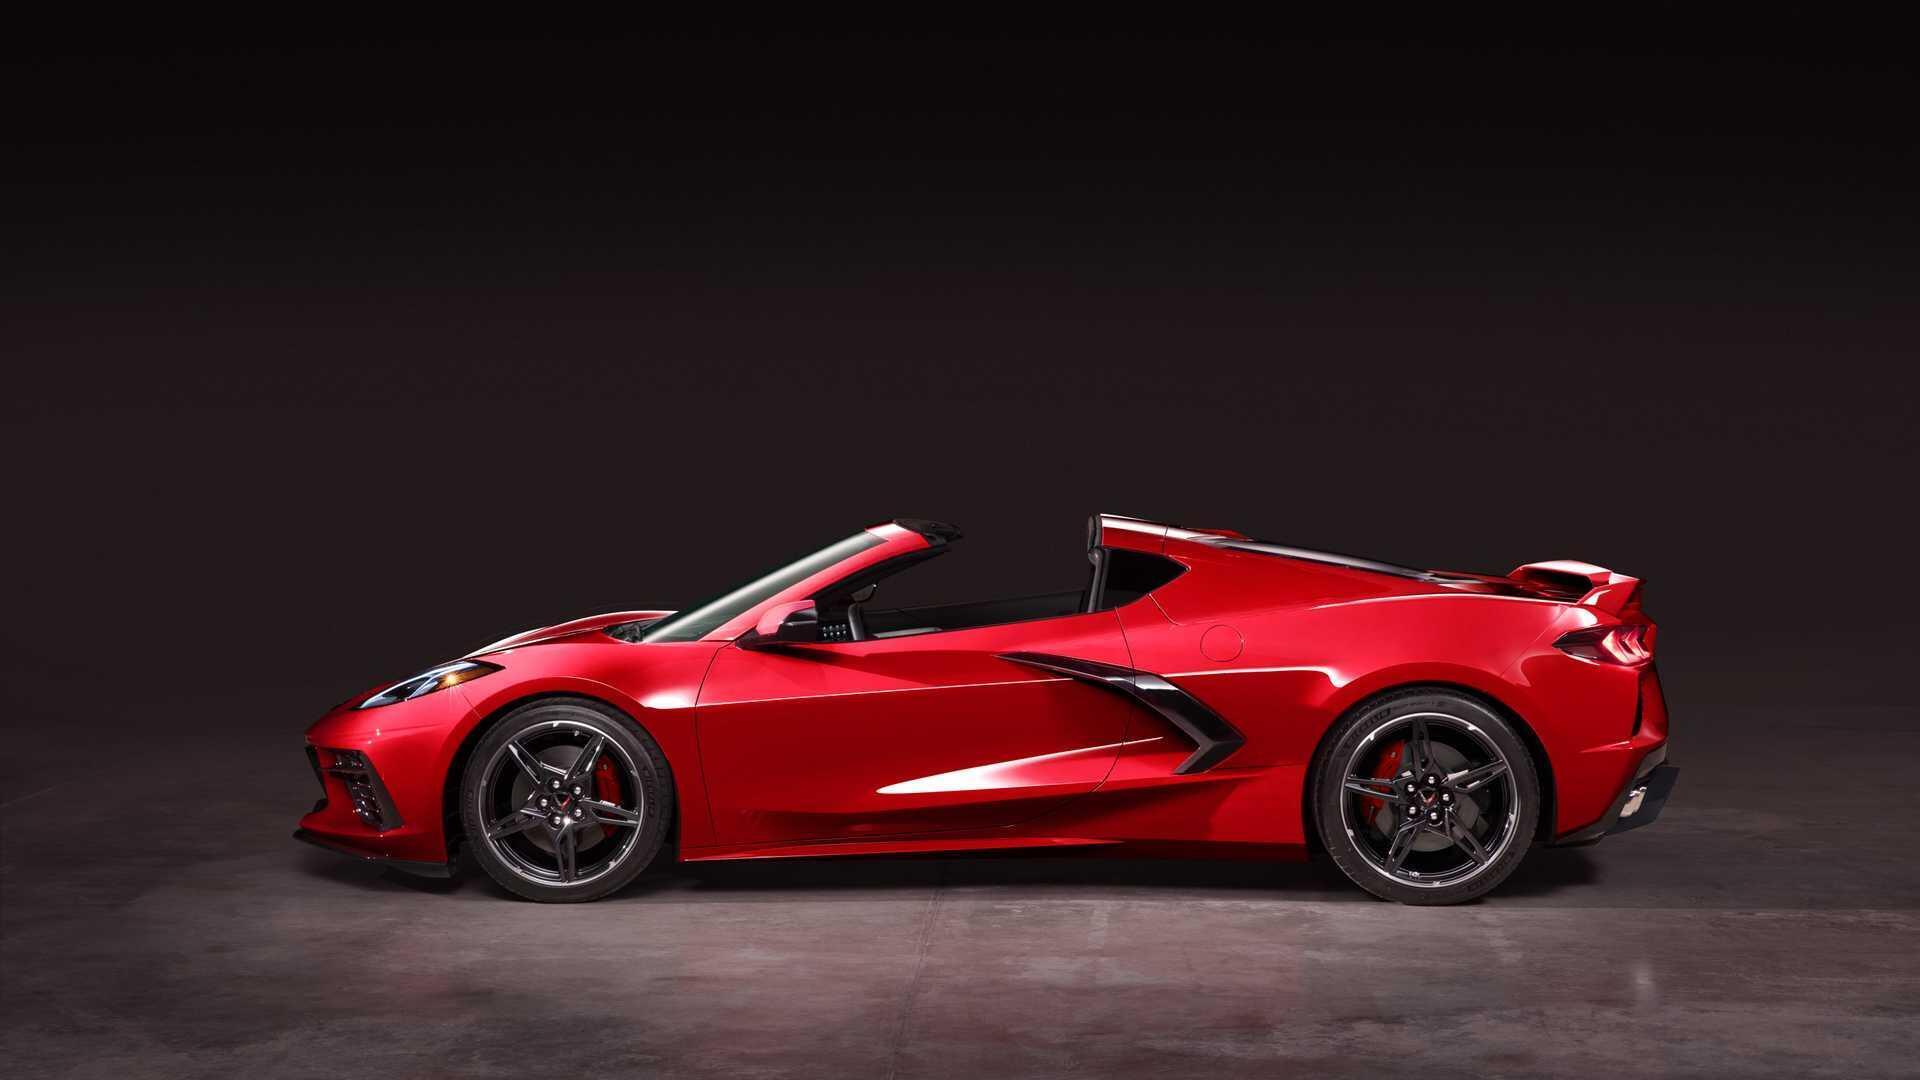 https://cdn.dailyxe.com.vn/image/chevrolet-corvette-2020-co-mot-so-tinh-nang-an-tuyet-voi-60-94561j2.jpg